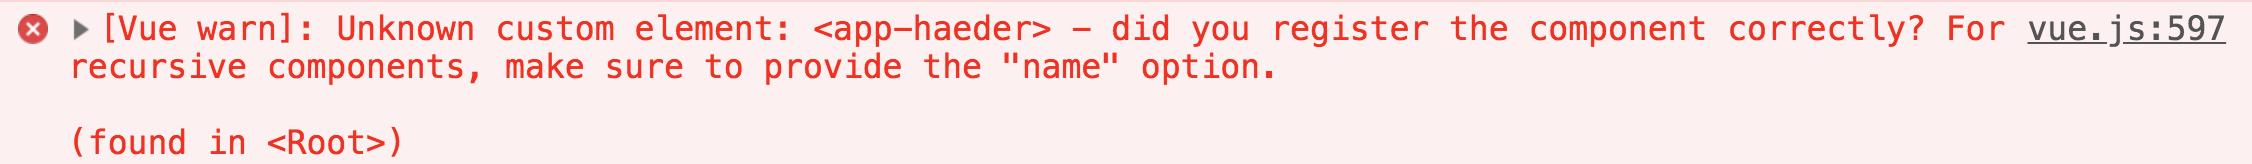 등록되지 않은 컴포넌트를 표시하려고 할 때의 오류